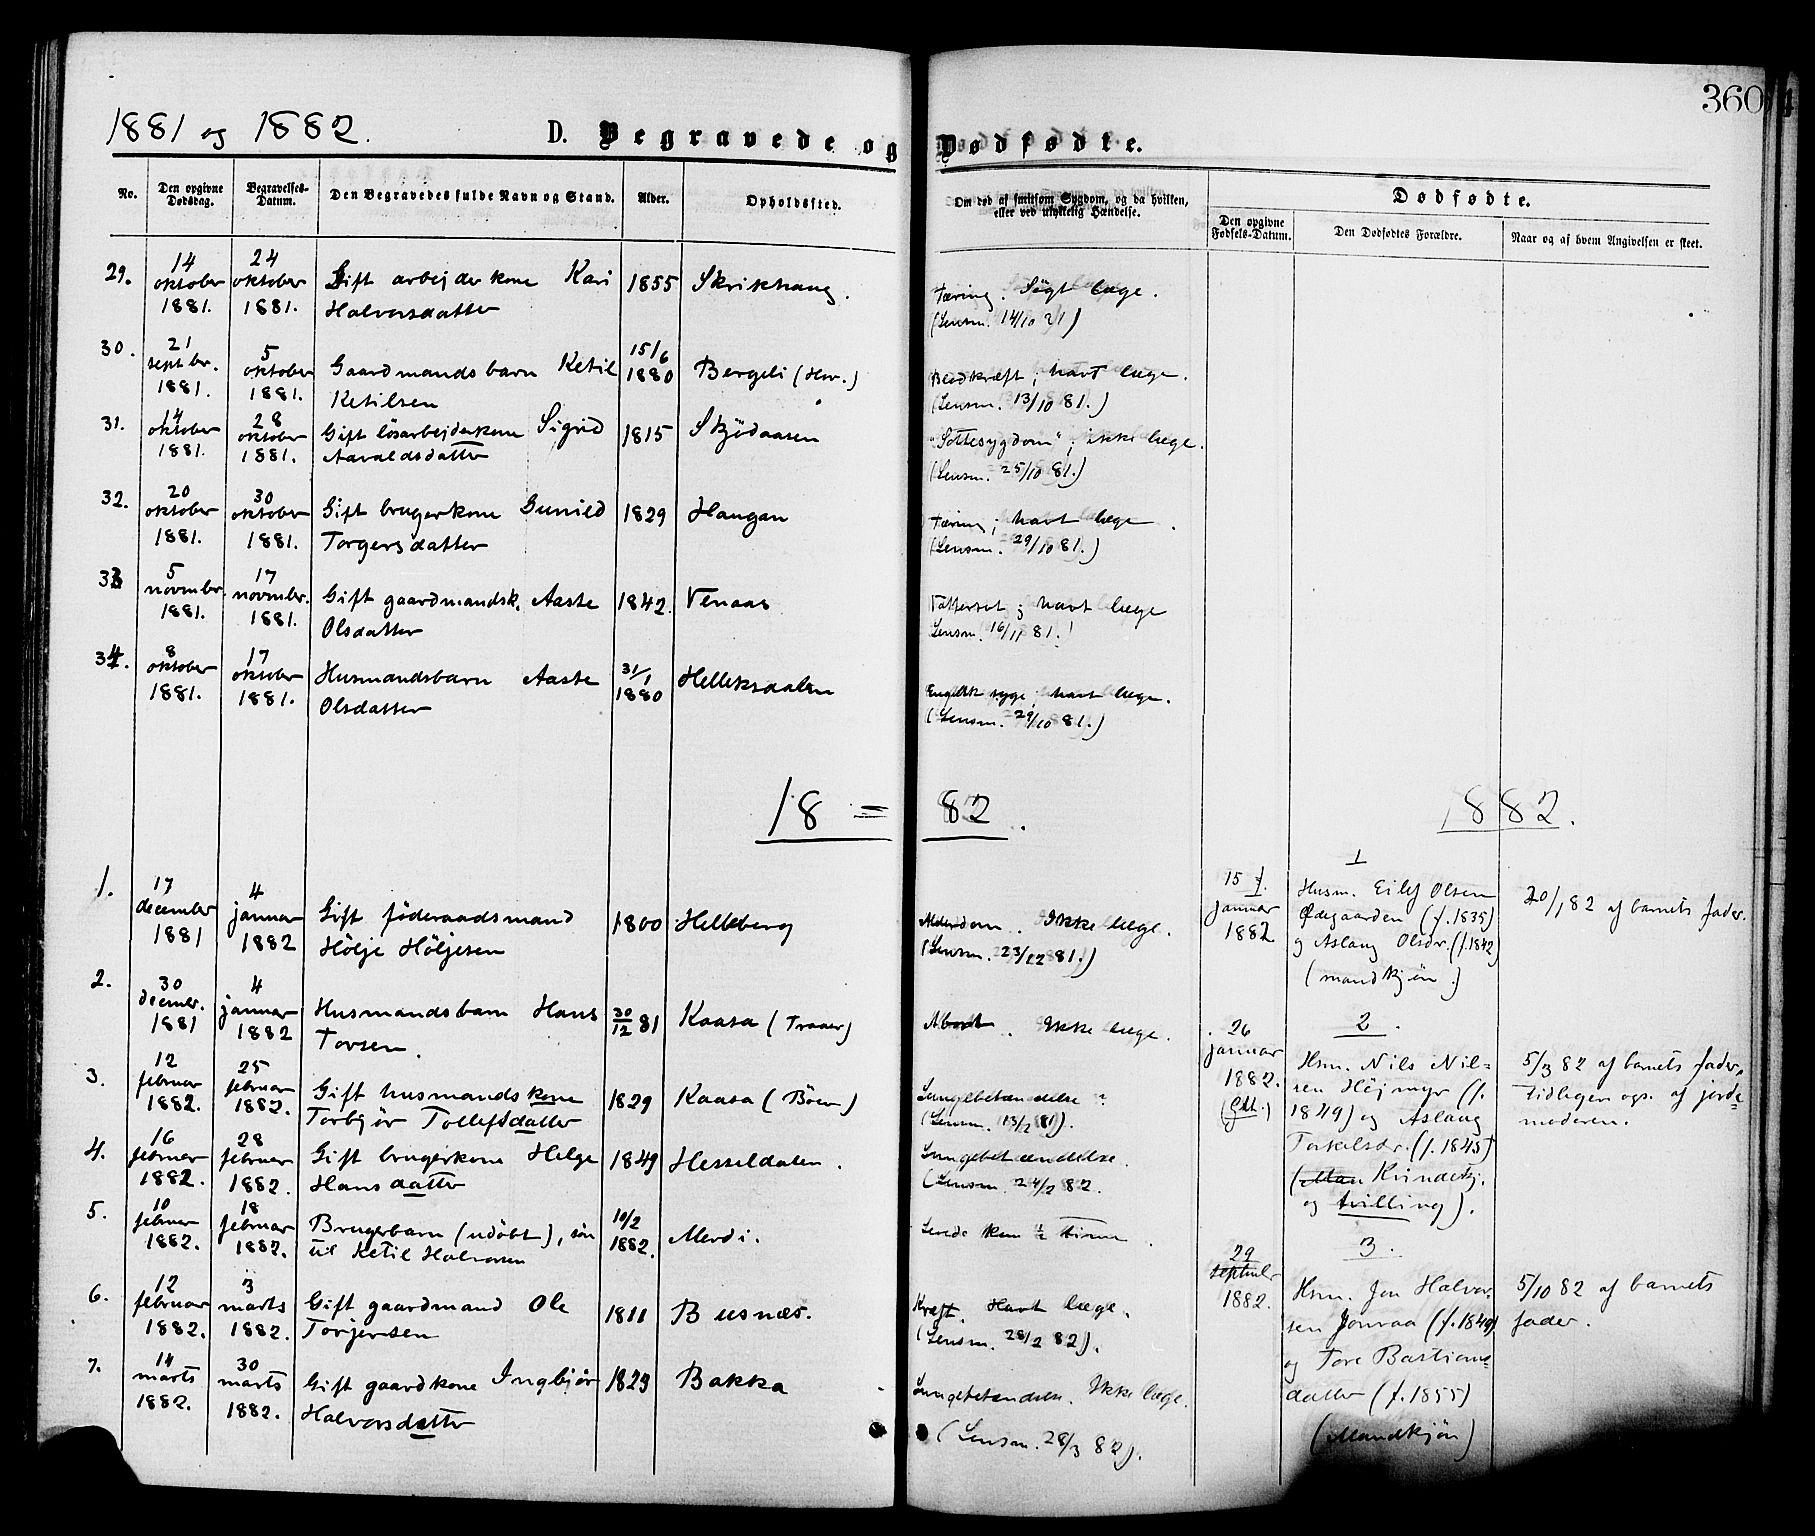 SAKO, Gransherad kirkebøker, F/Fa/L0004: Ministerialbok nr. I 4, 1871-1886, s. 360